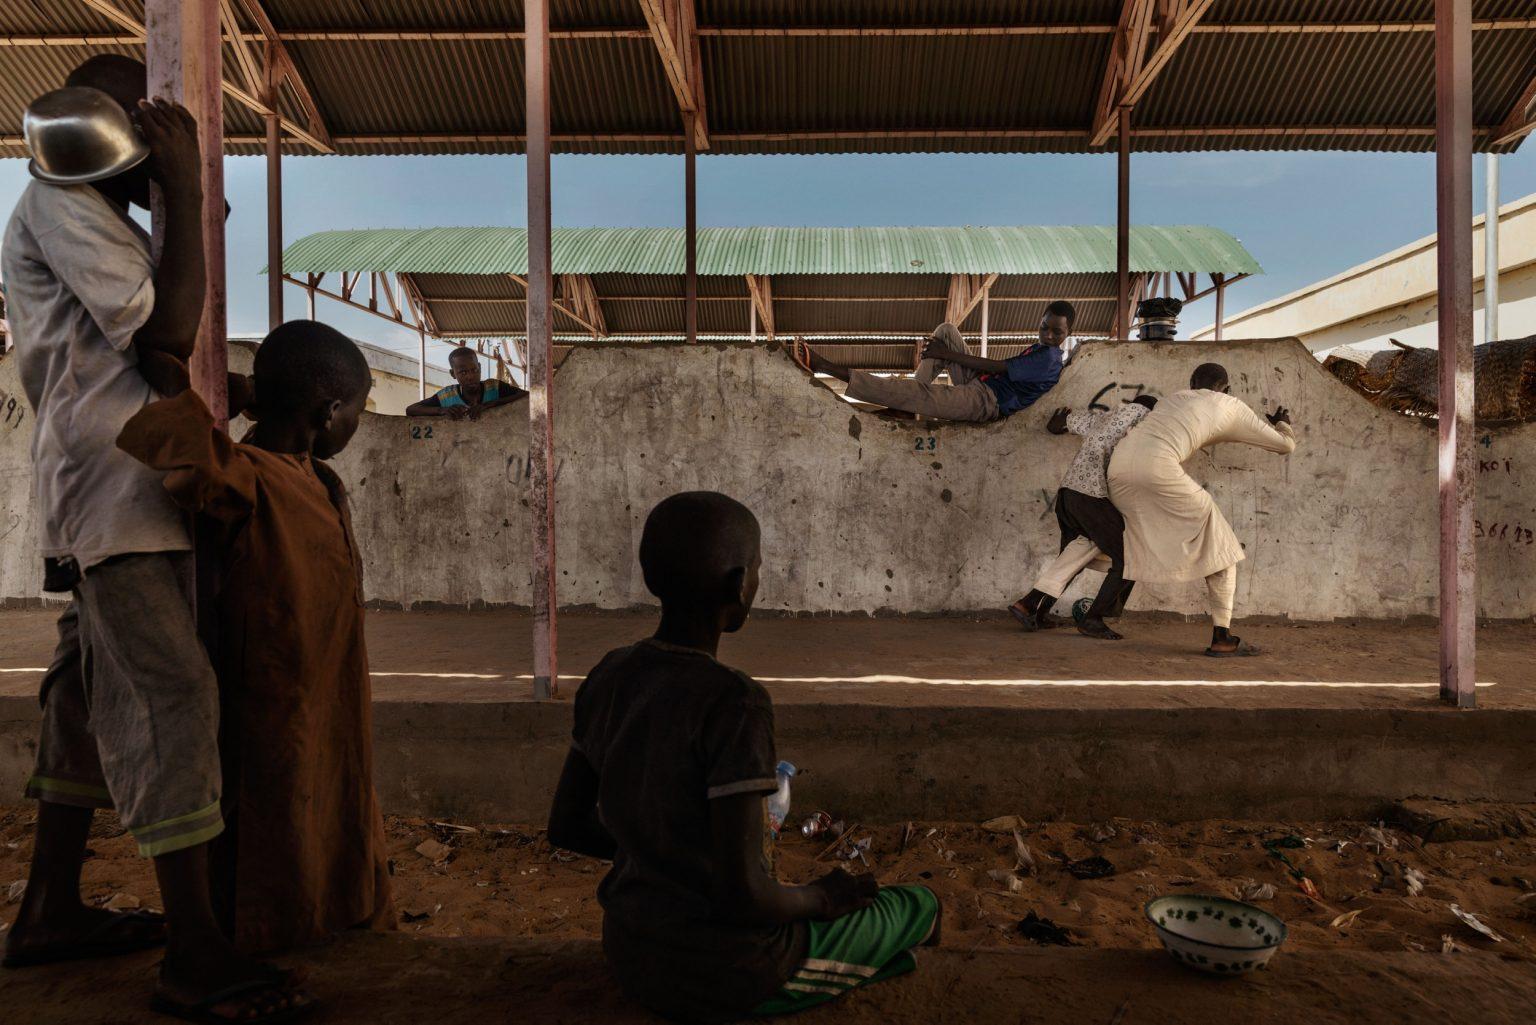 """Africa, Chad, Bol, October 2018 - Some kids play football with a makeshift ball. Orphaned children, mainly Nigerian refugees, live together as a group in the Koran schools. During the day, they go begging and are known as Almajiri. Almajiri comes from an Arabic word """"Al-Muhajirun"""" which means """"a person who leaves his home in search of Islamic knowledge"""". >< Africa, Ciad, Bol, Ottobre 2018 - Alcuni bambini giocano a calcio con una palla improvvisata. Bambini orfani, principalmente rifugiati nigeriani, vivono insieme come gruppo nelle scuole del Corano. Durante il giorno mendicano e sono conosciuti come Almajiri. Almajiri viene dalla parola Araba """"Al-Muhajirun"""", che  significa """"persona che lascia la sua casa in cerca di conoscenza dell'Islam. *** SPECIAL   FEE   APPLIES *** *** Local Caption *** 01362914"""